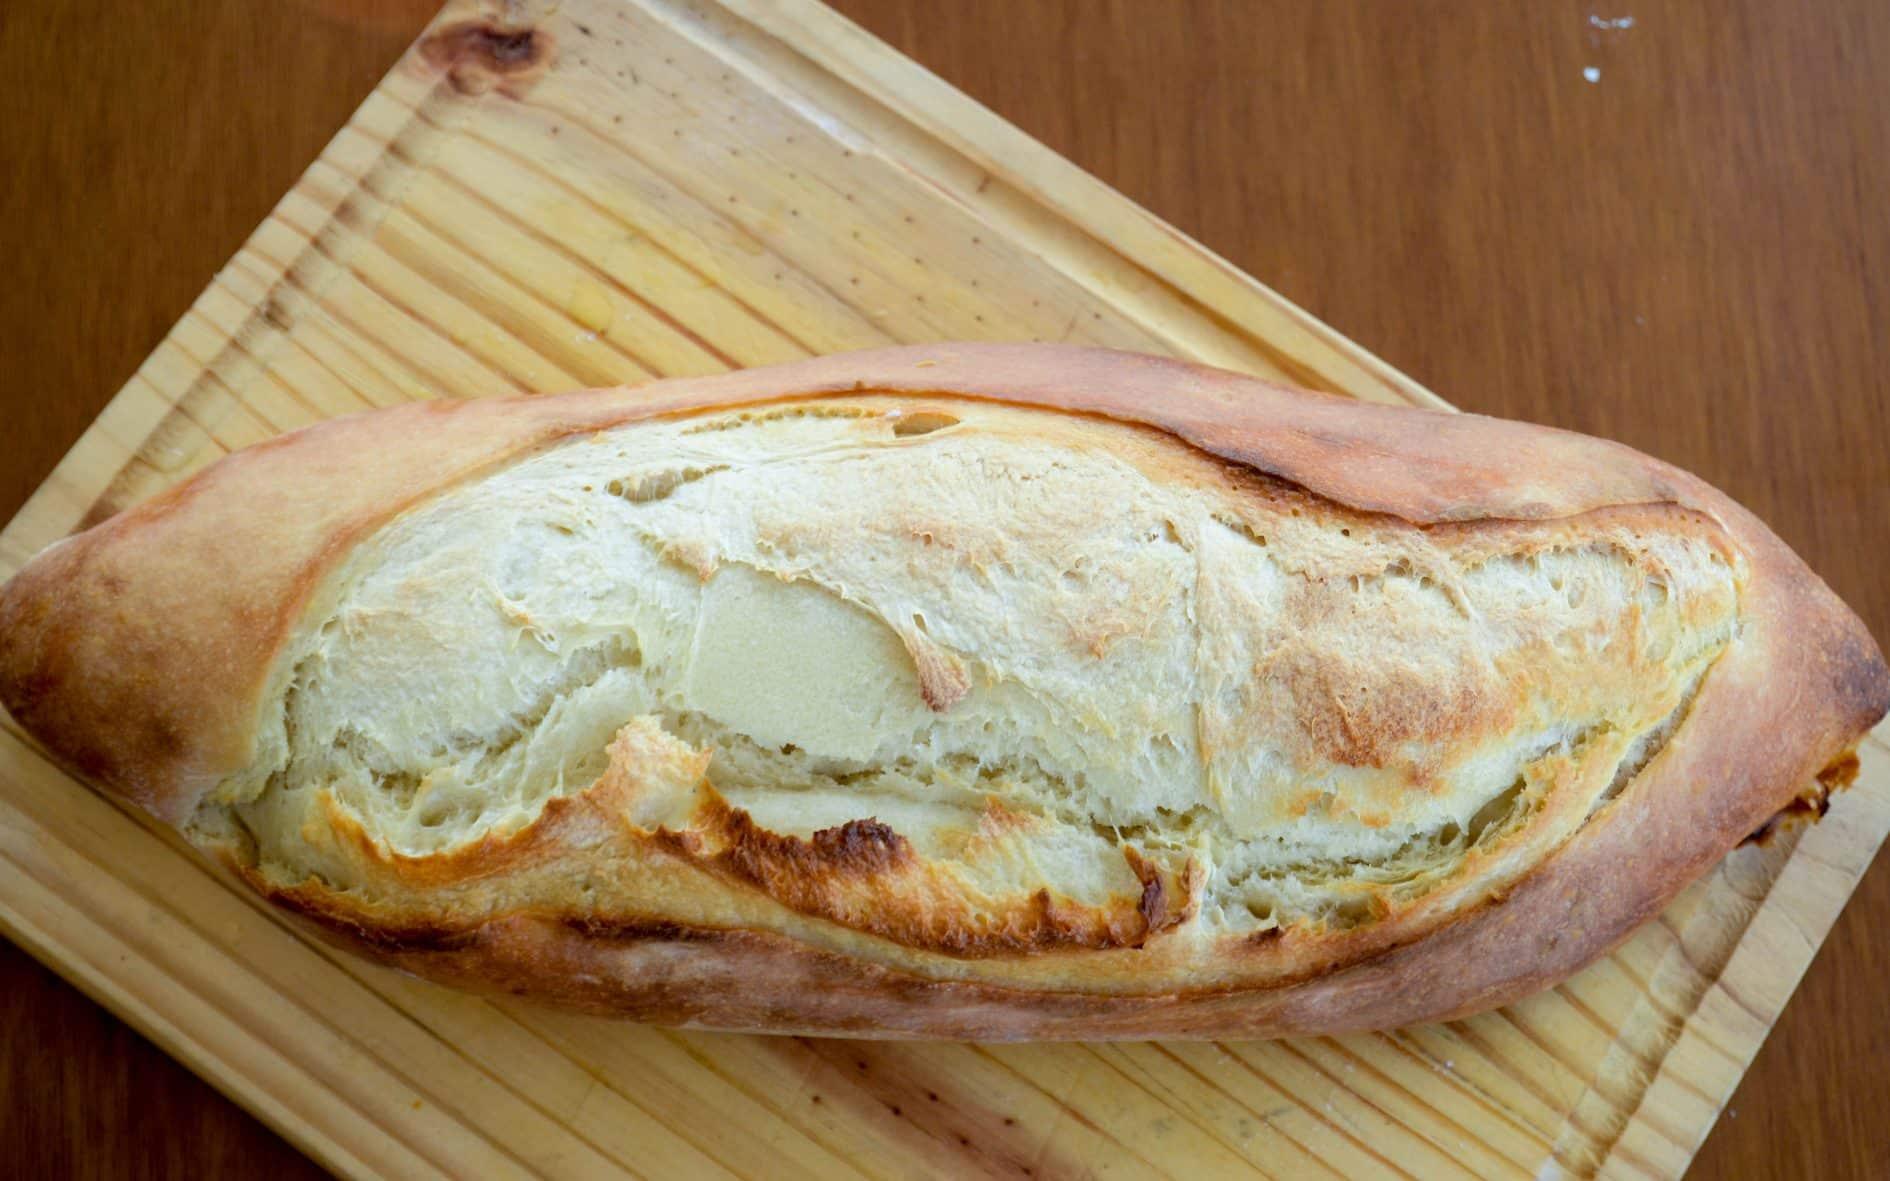 receita de pão de iogurte e mel - receita fácil com fermento de litro